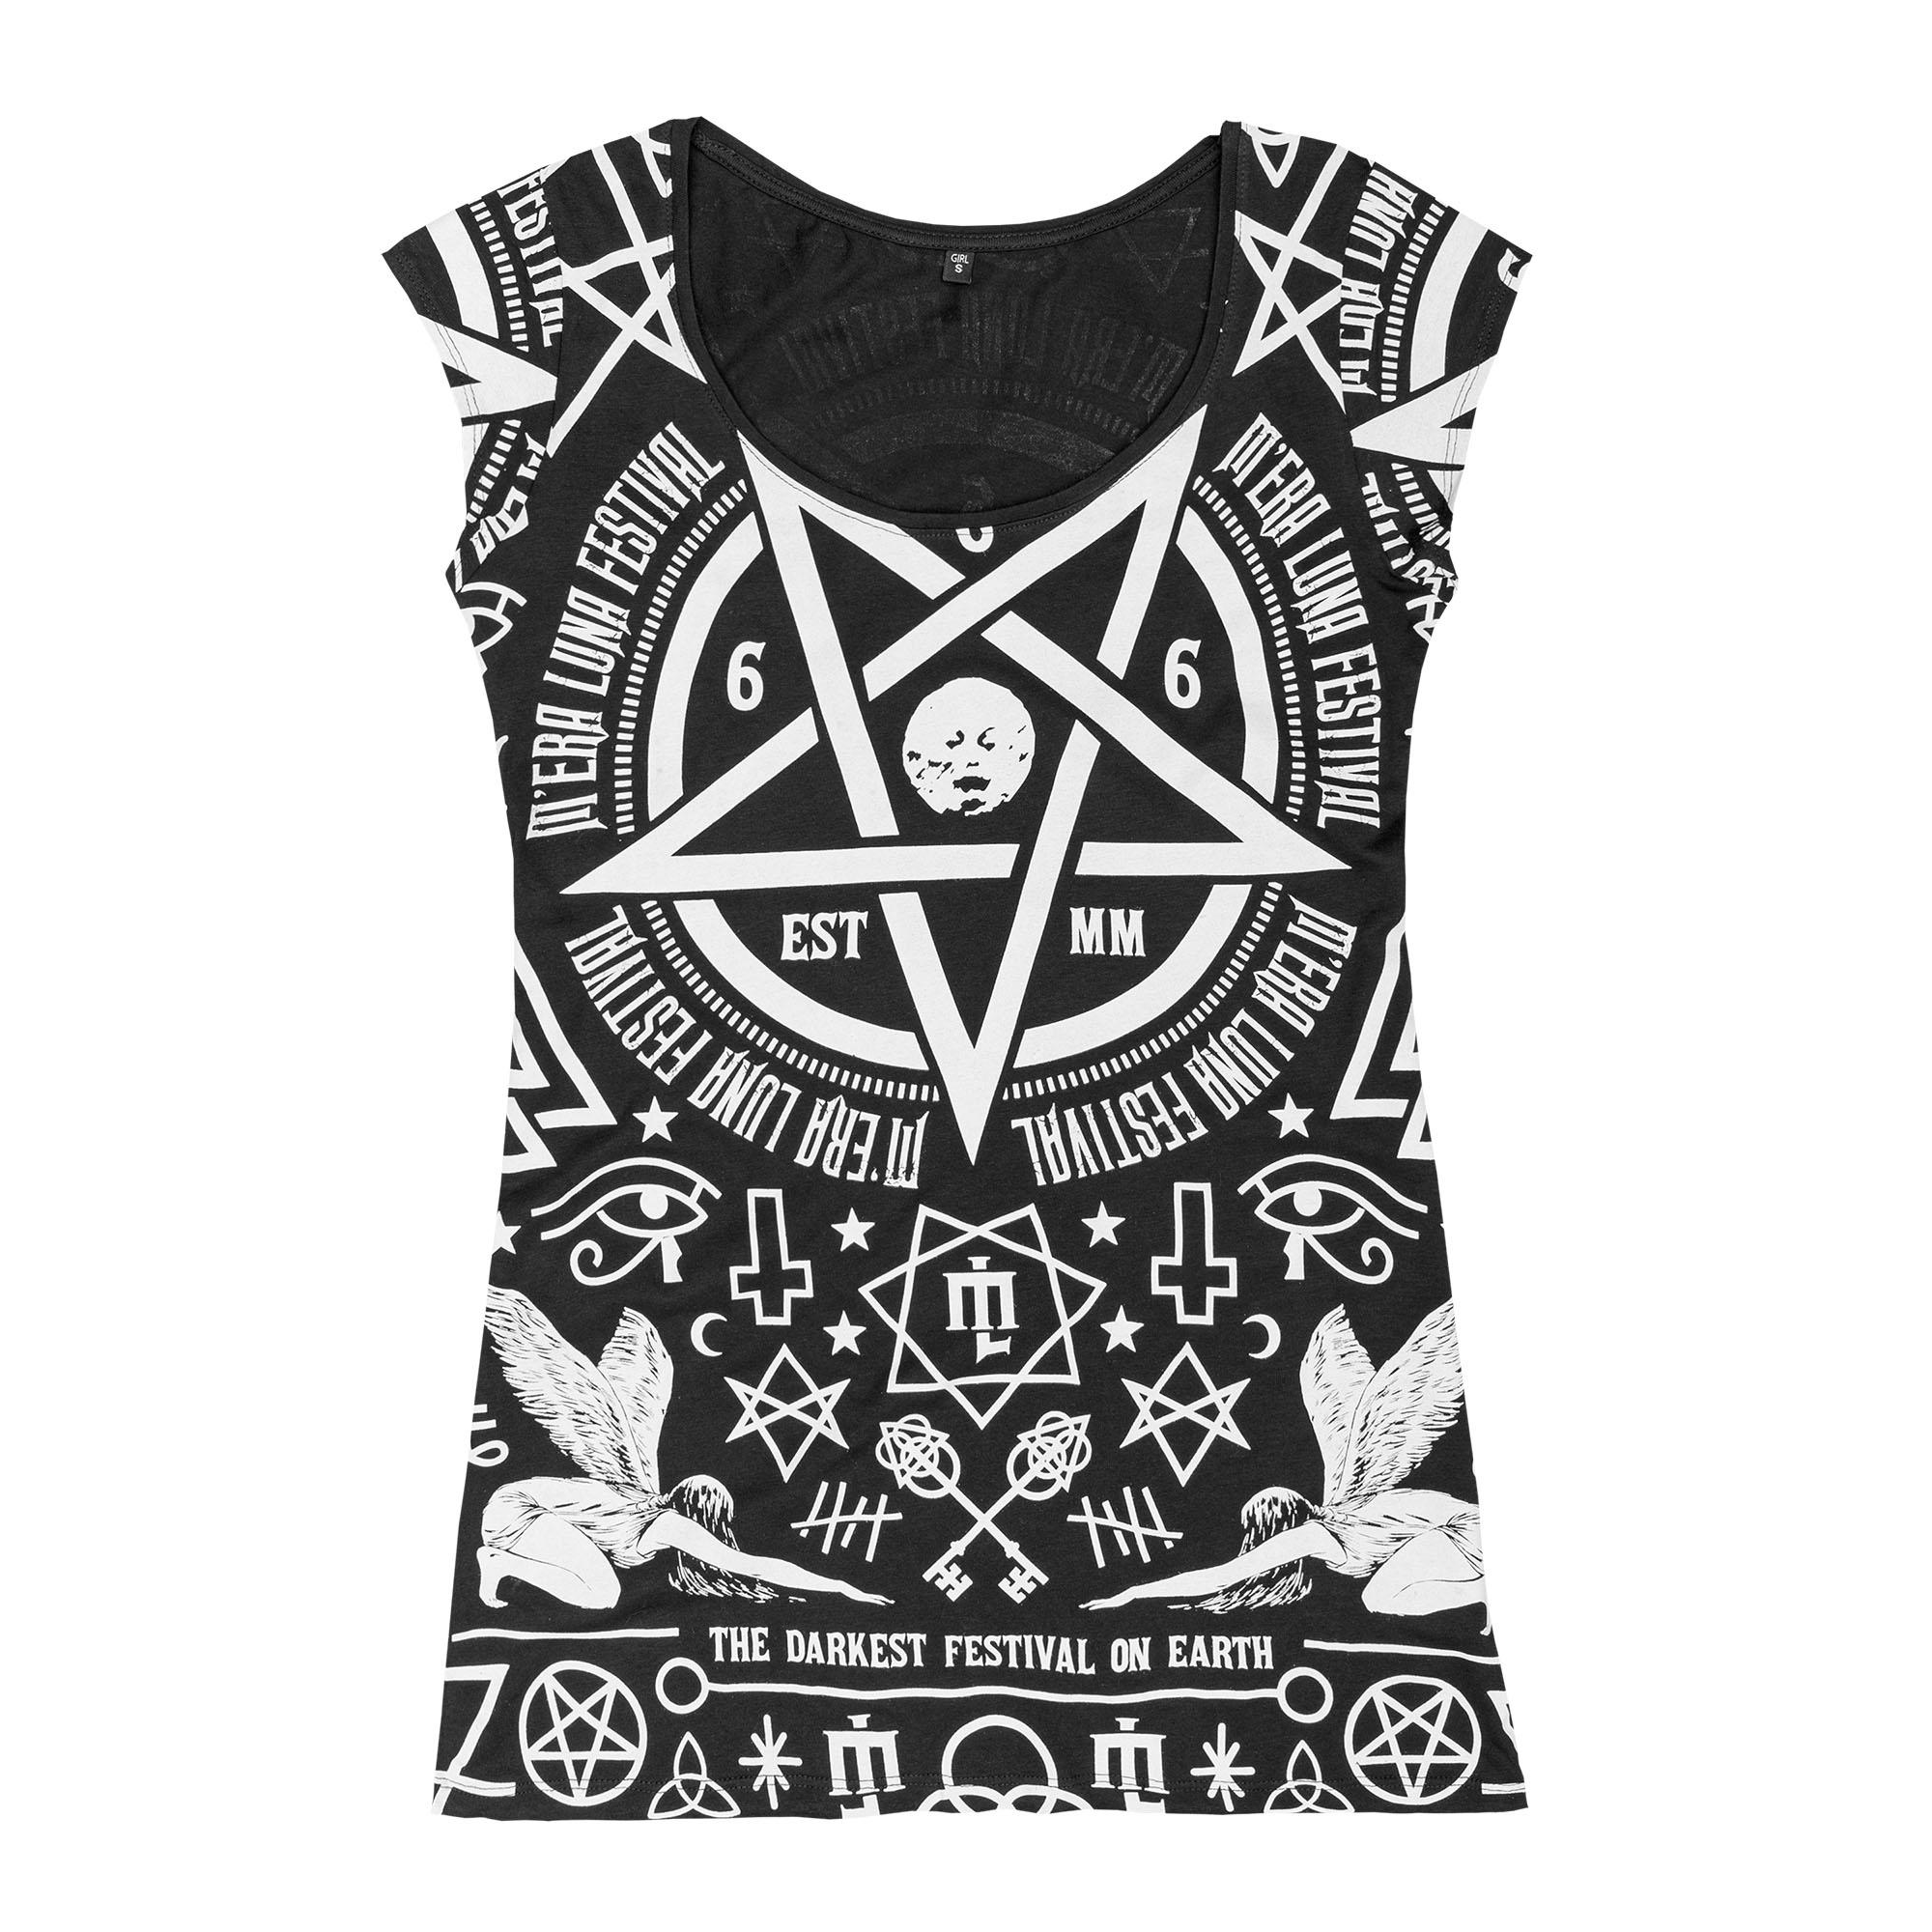 Occult Allover von Mera Luna Festival - Girlie Shirt jetzt im My Festival Shop Shop